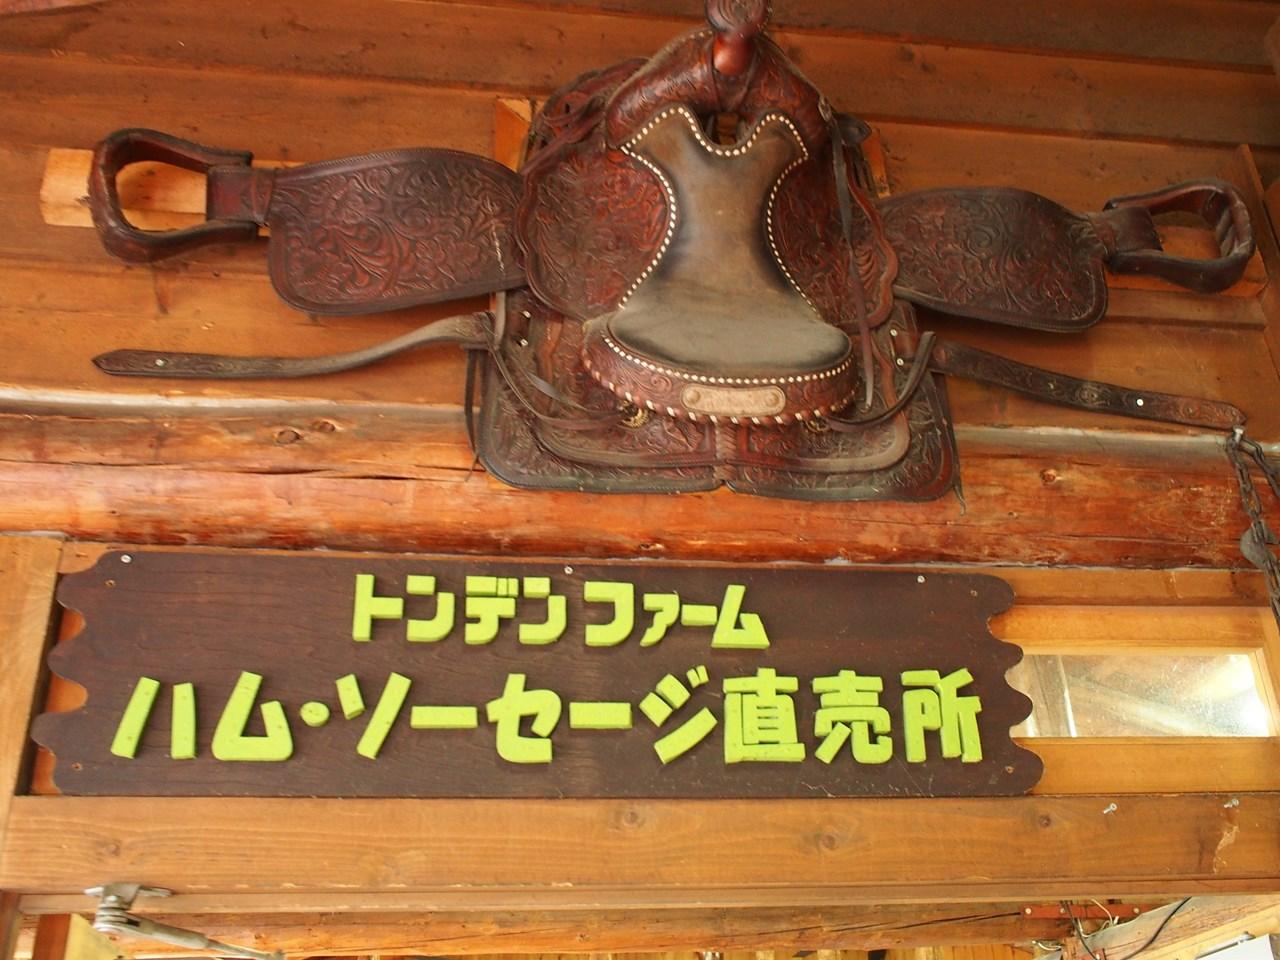 「ハム・ソーセージ直売所」の看板